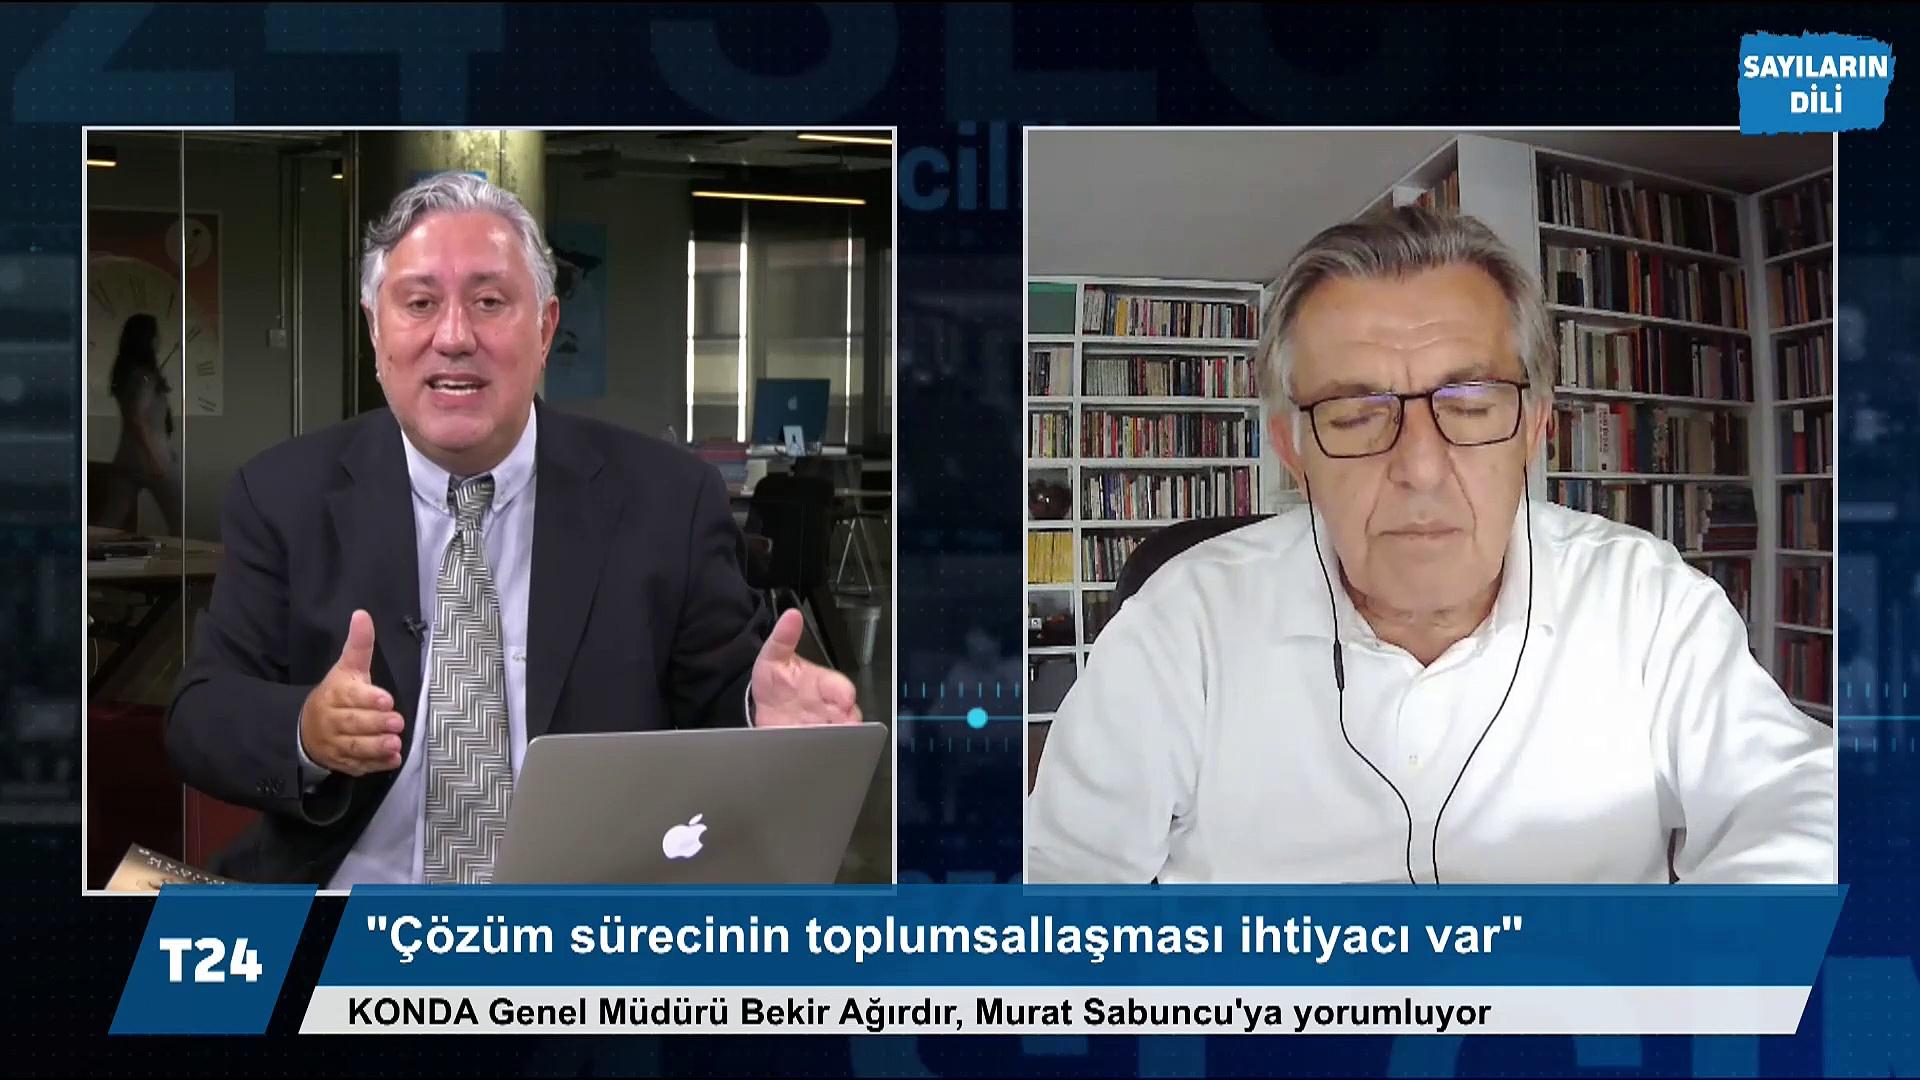 Bekir Ağırdır: HDP'li Temelli'nin 'Muhatap İmralı' açıklaması talihsiz; 'Ak yakalılar' da gidişin ne olduğunu gözlüyor, çıkış arıyor